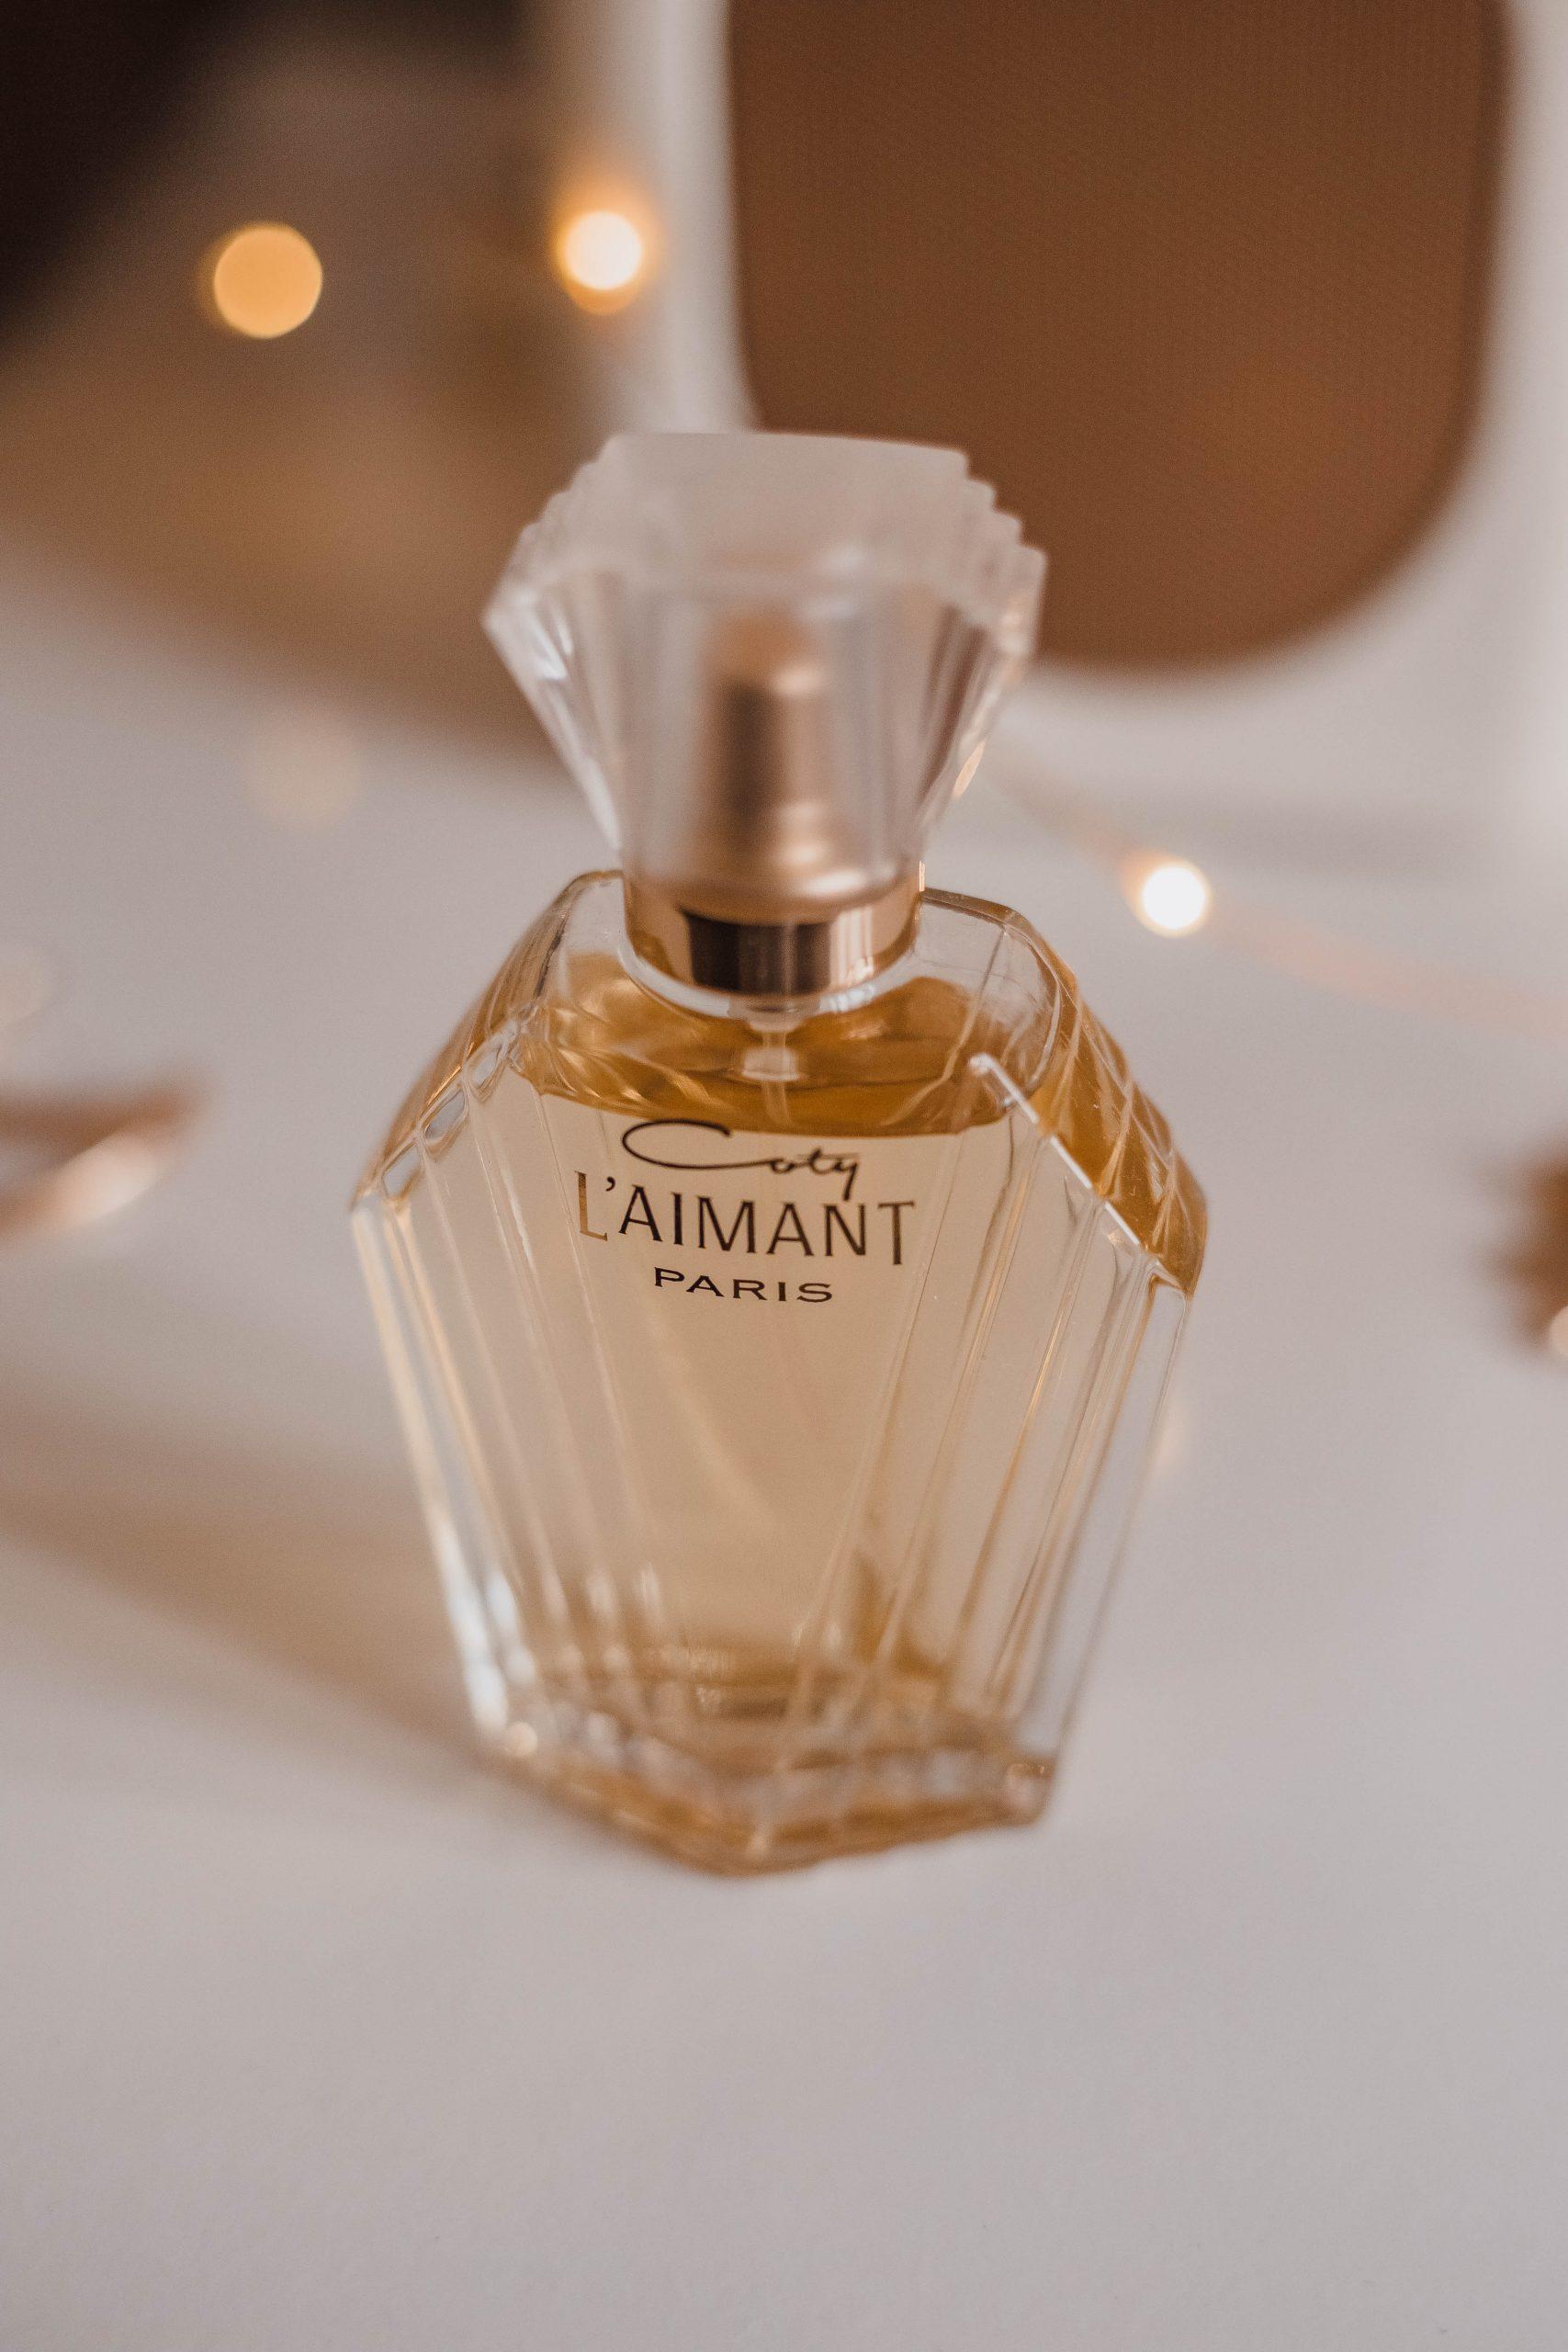 Coty L'Aimant Parfum